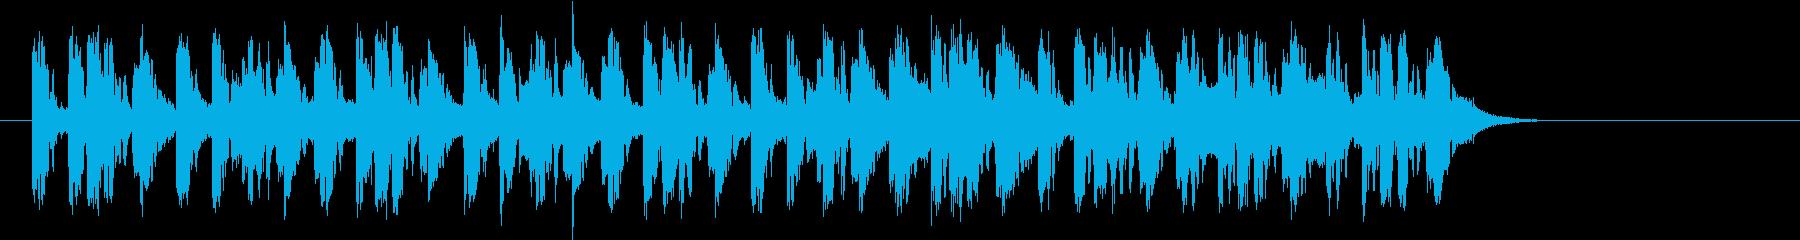 アンニュイでクールなEDMのジングルの再生済みの波形